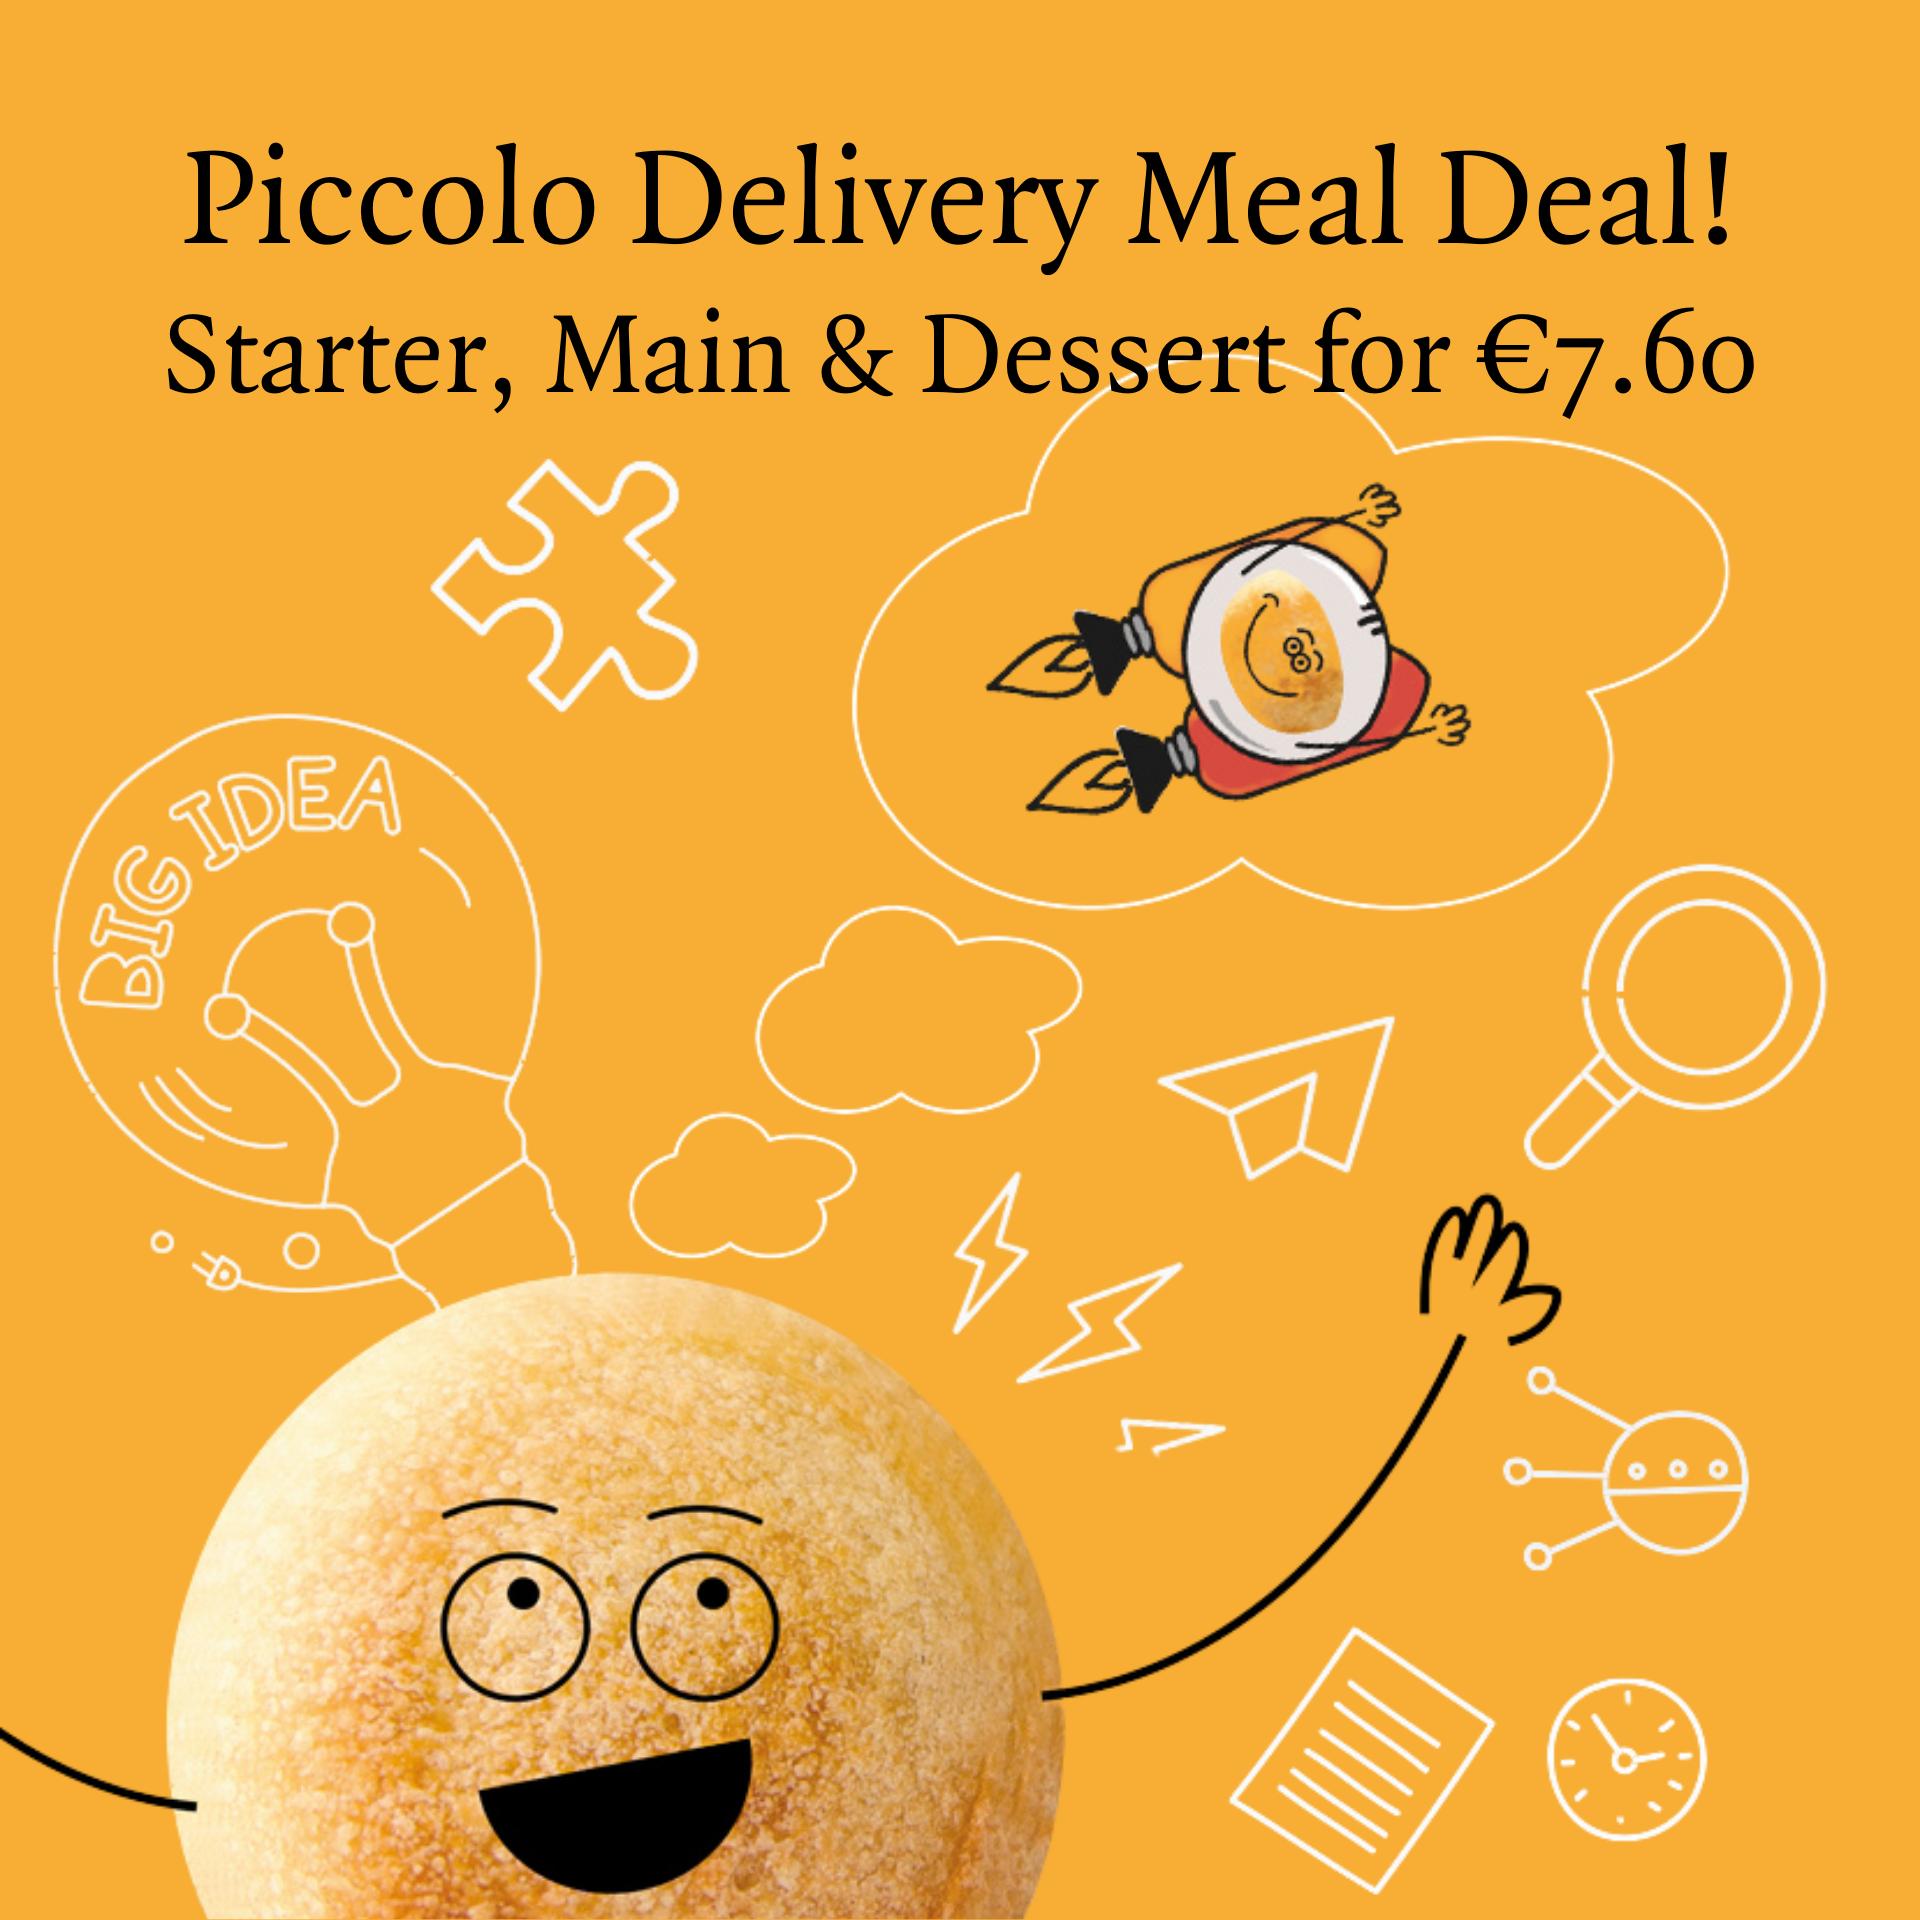 piccolo kids offer starter, main & dessert for 7.60